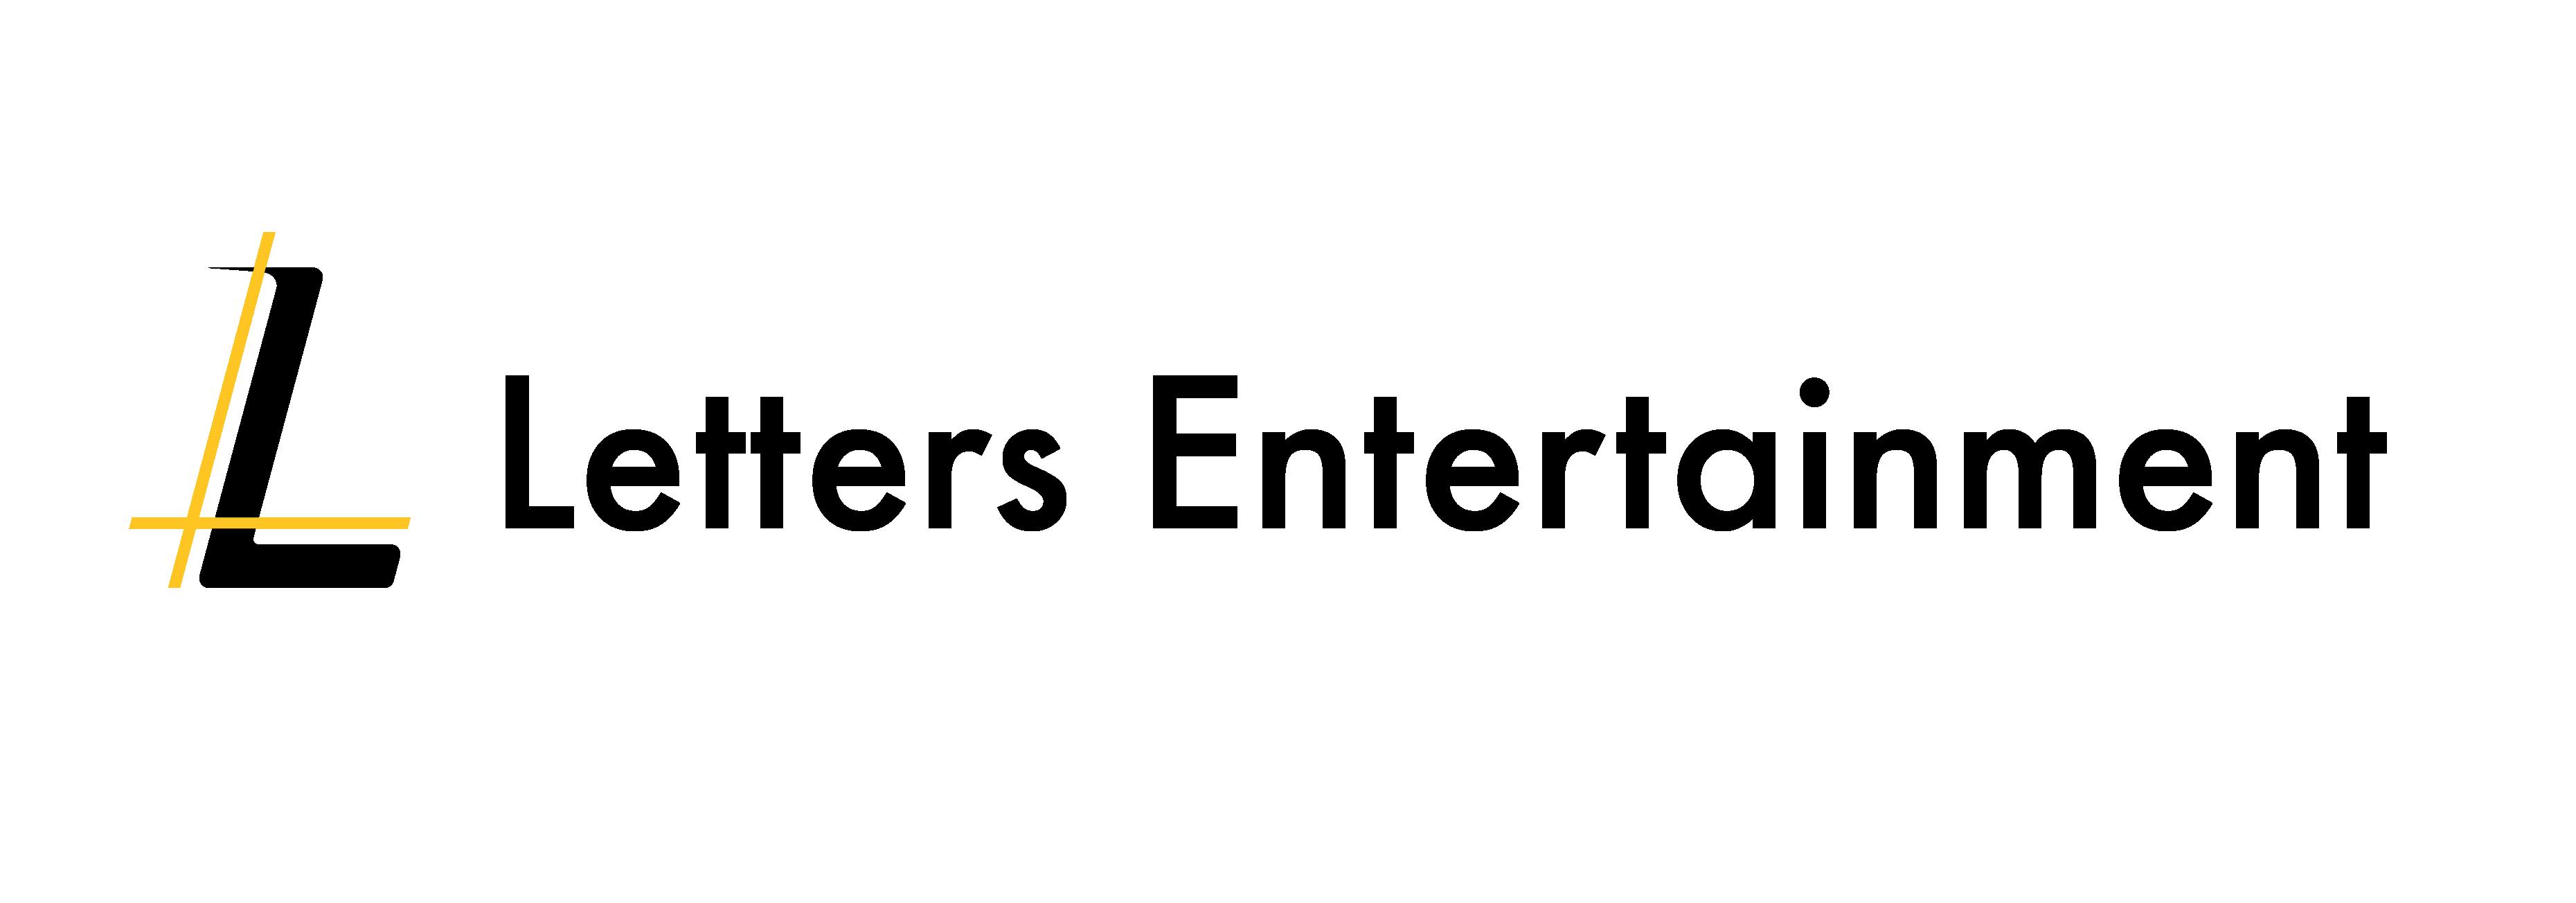 letterstitle-eng.png